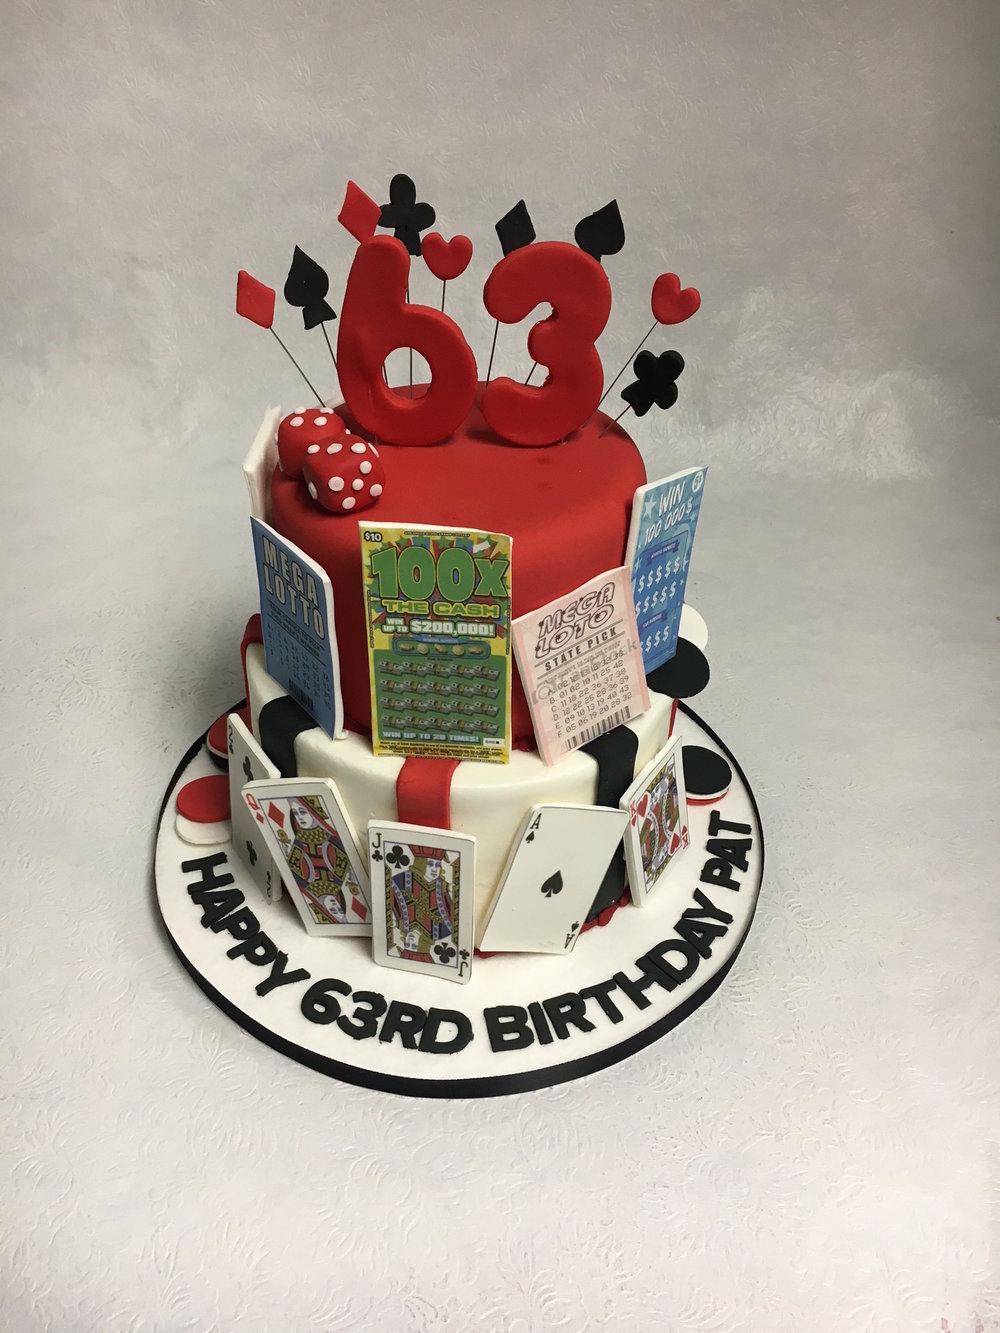 gambling cake.jpg